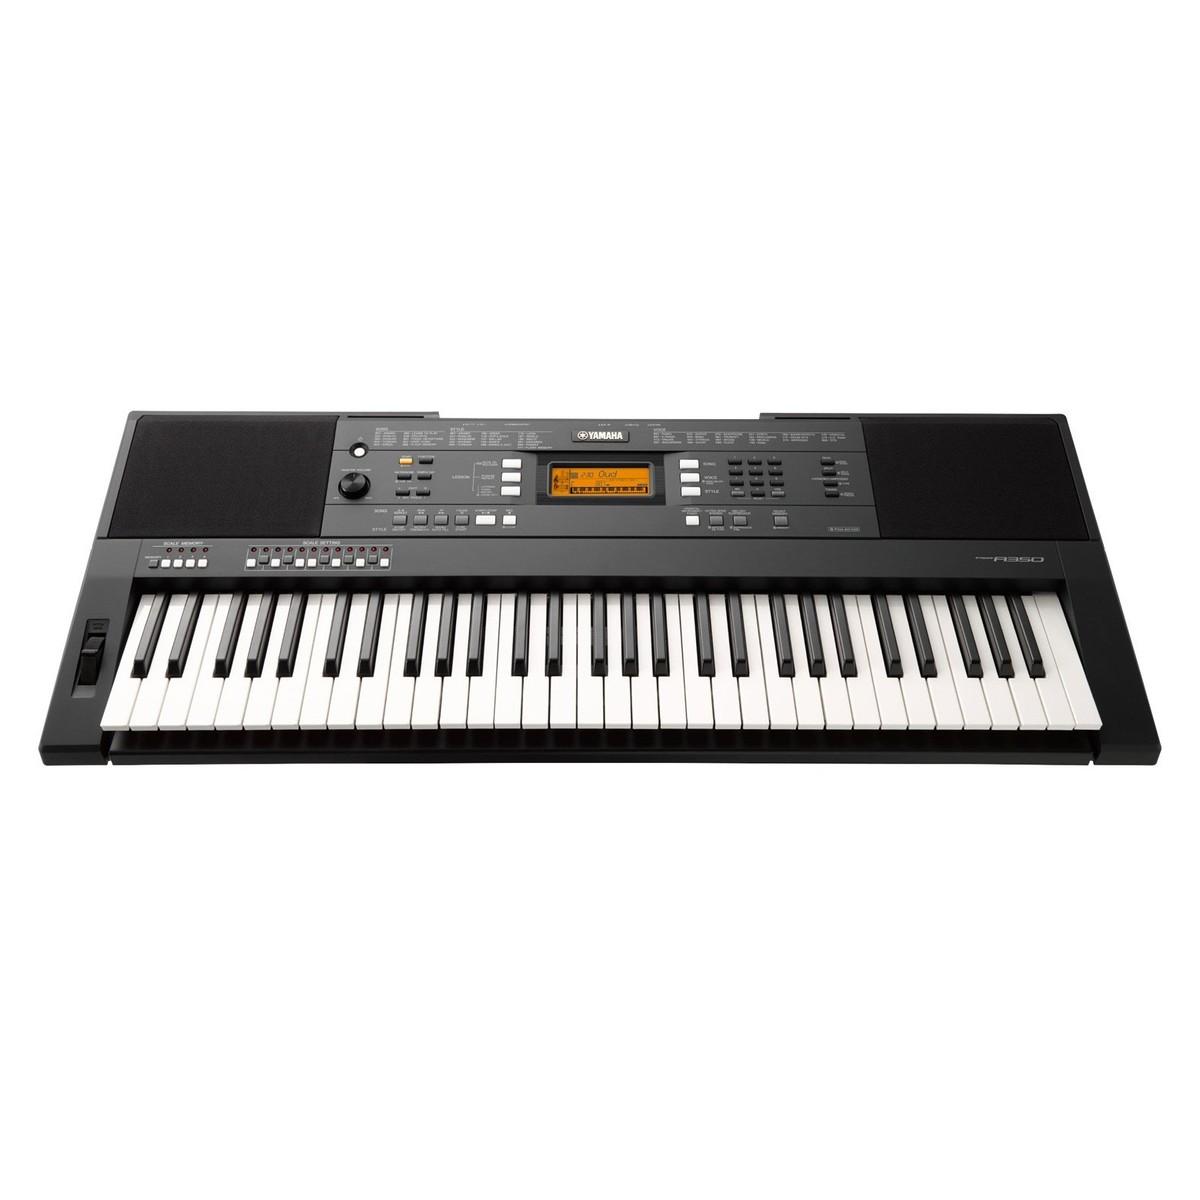 yamaha psr a350 oriental portable keyboard black at. Black Bedroom Furniture Sets. Home Design Ideas